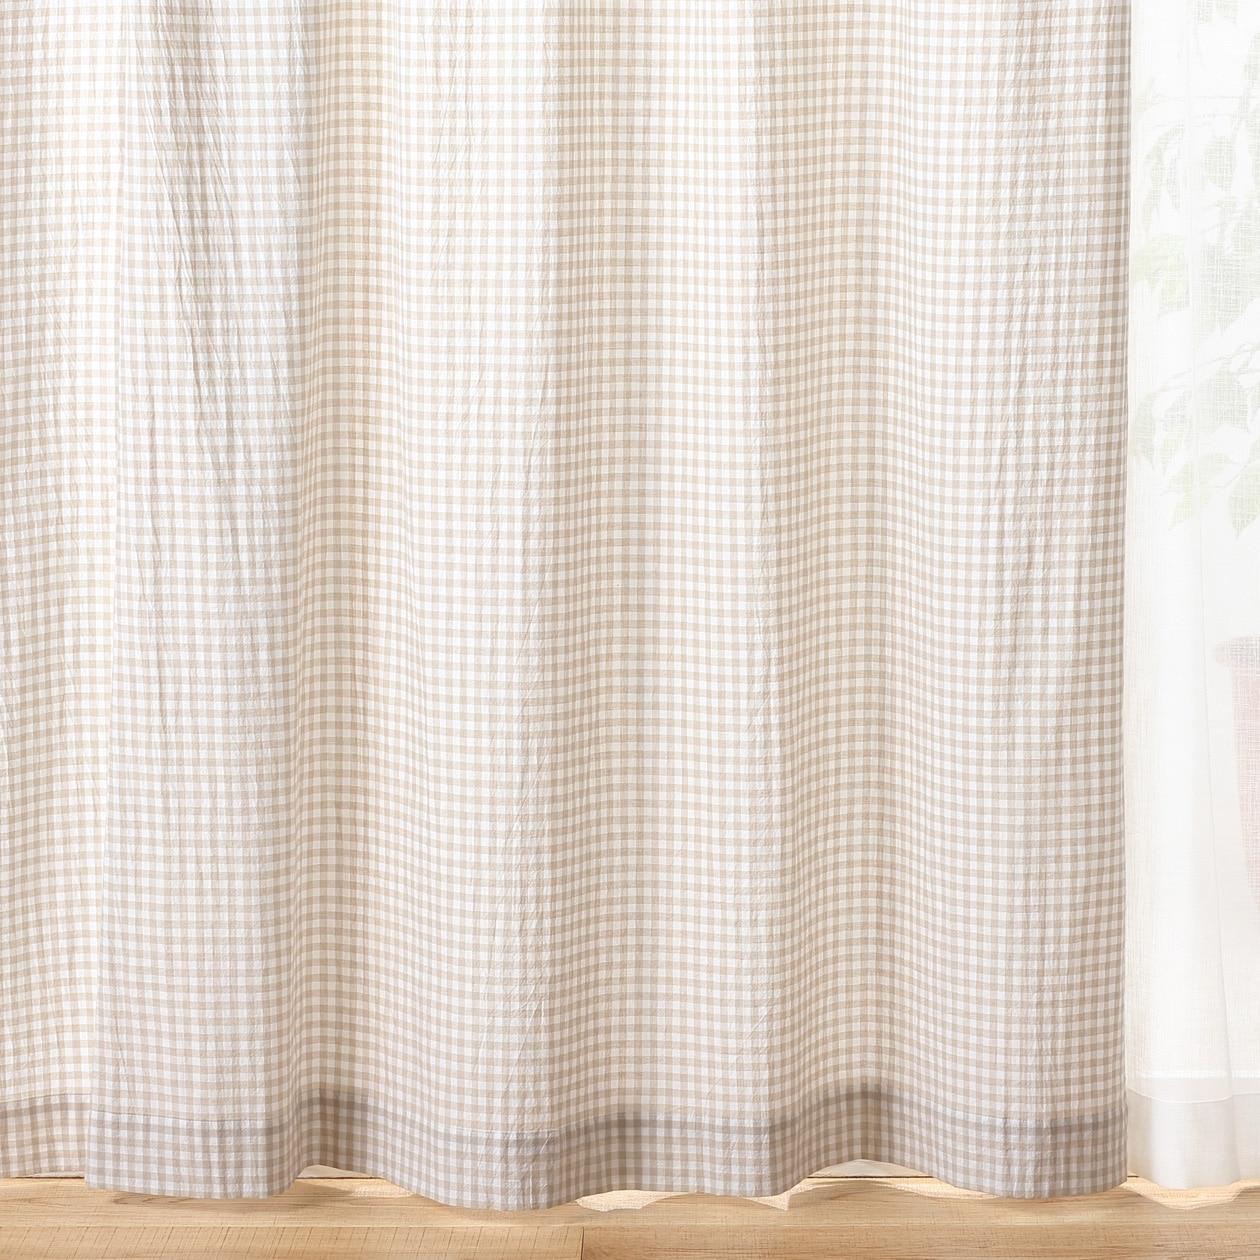 オーガニックコットン洗いざらしプリーツカーテン/ライトベージュチェック